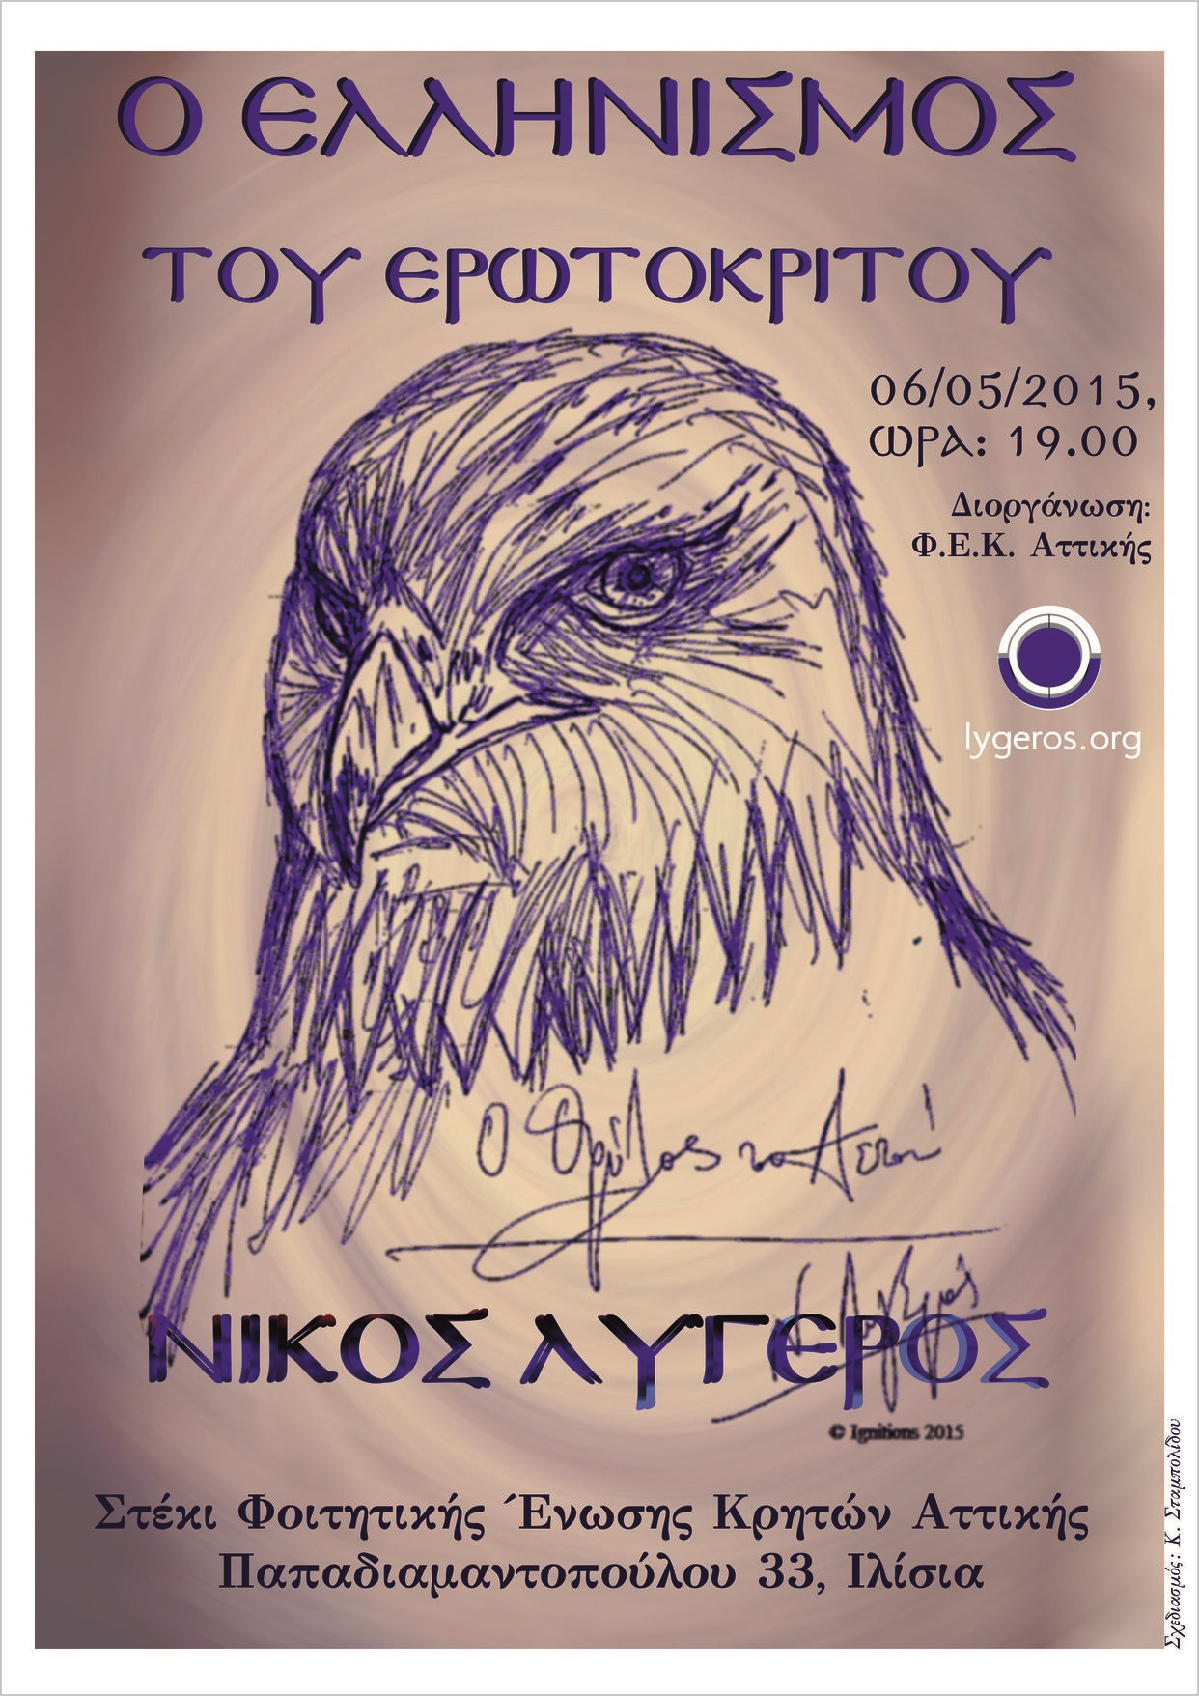 Ο Ελληνισμός του Ερωτόκριτου